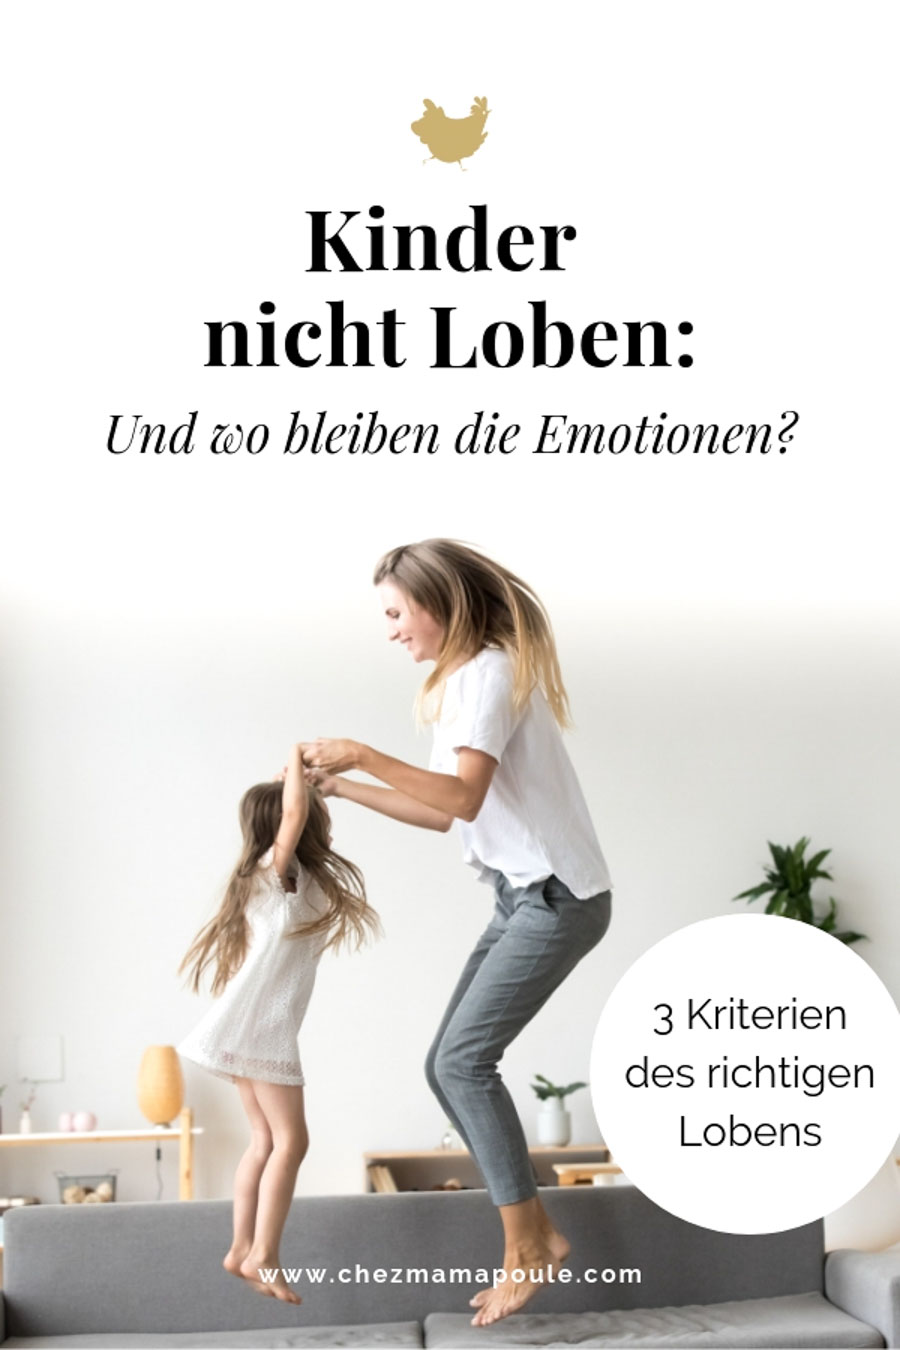 Kinder nicht Loben: Mutter hüpft vor Freude mit ihrem Kind auf dem Sofa